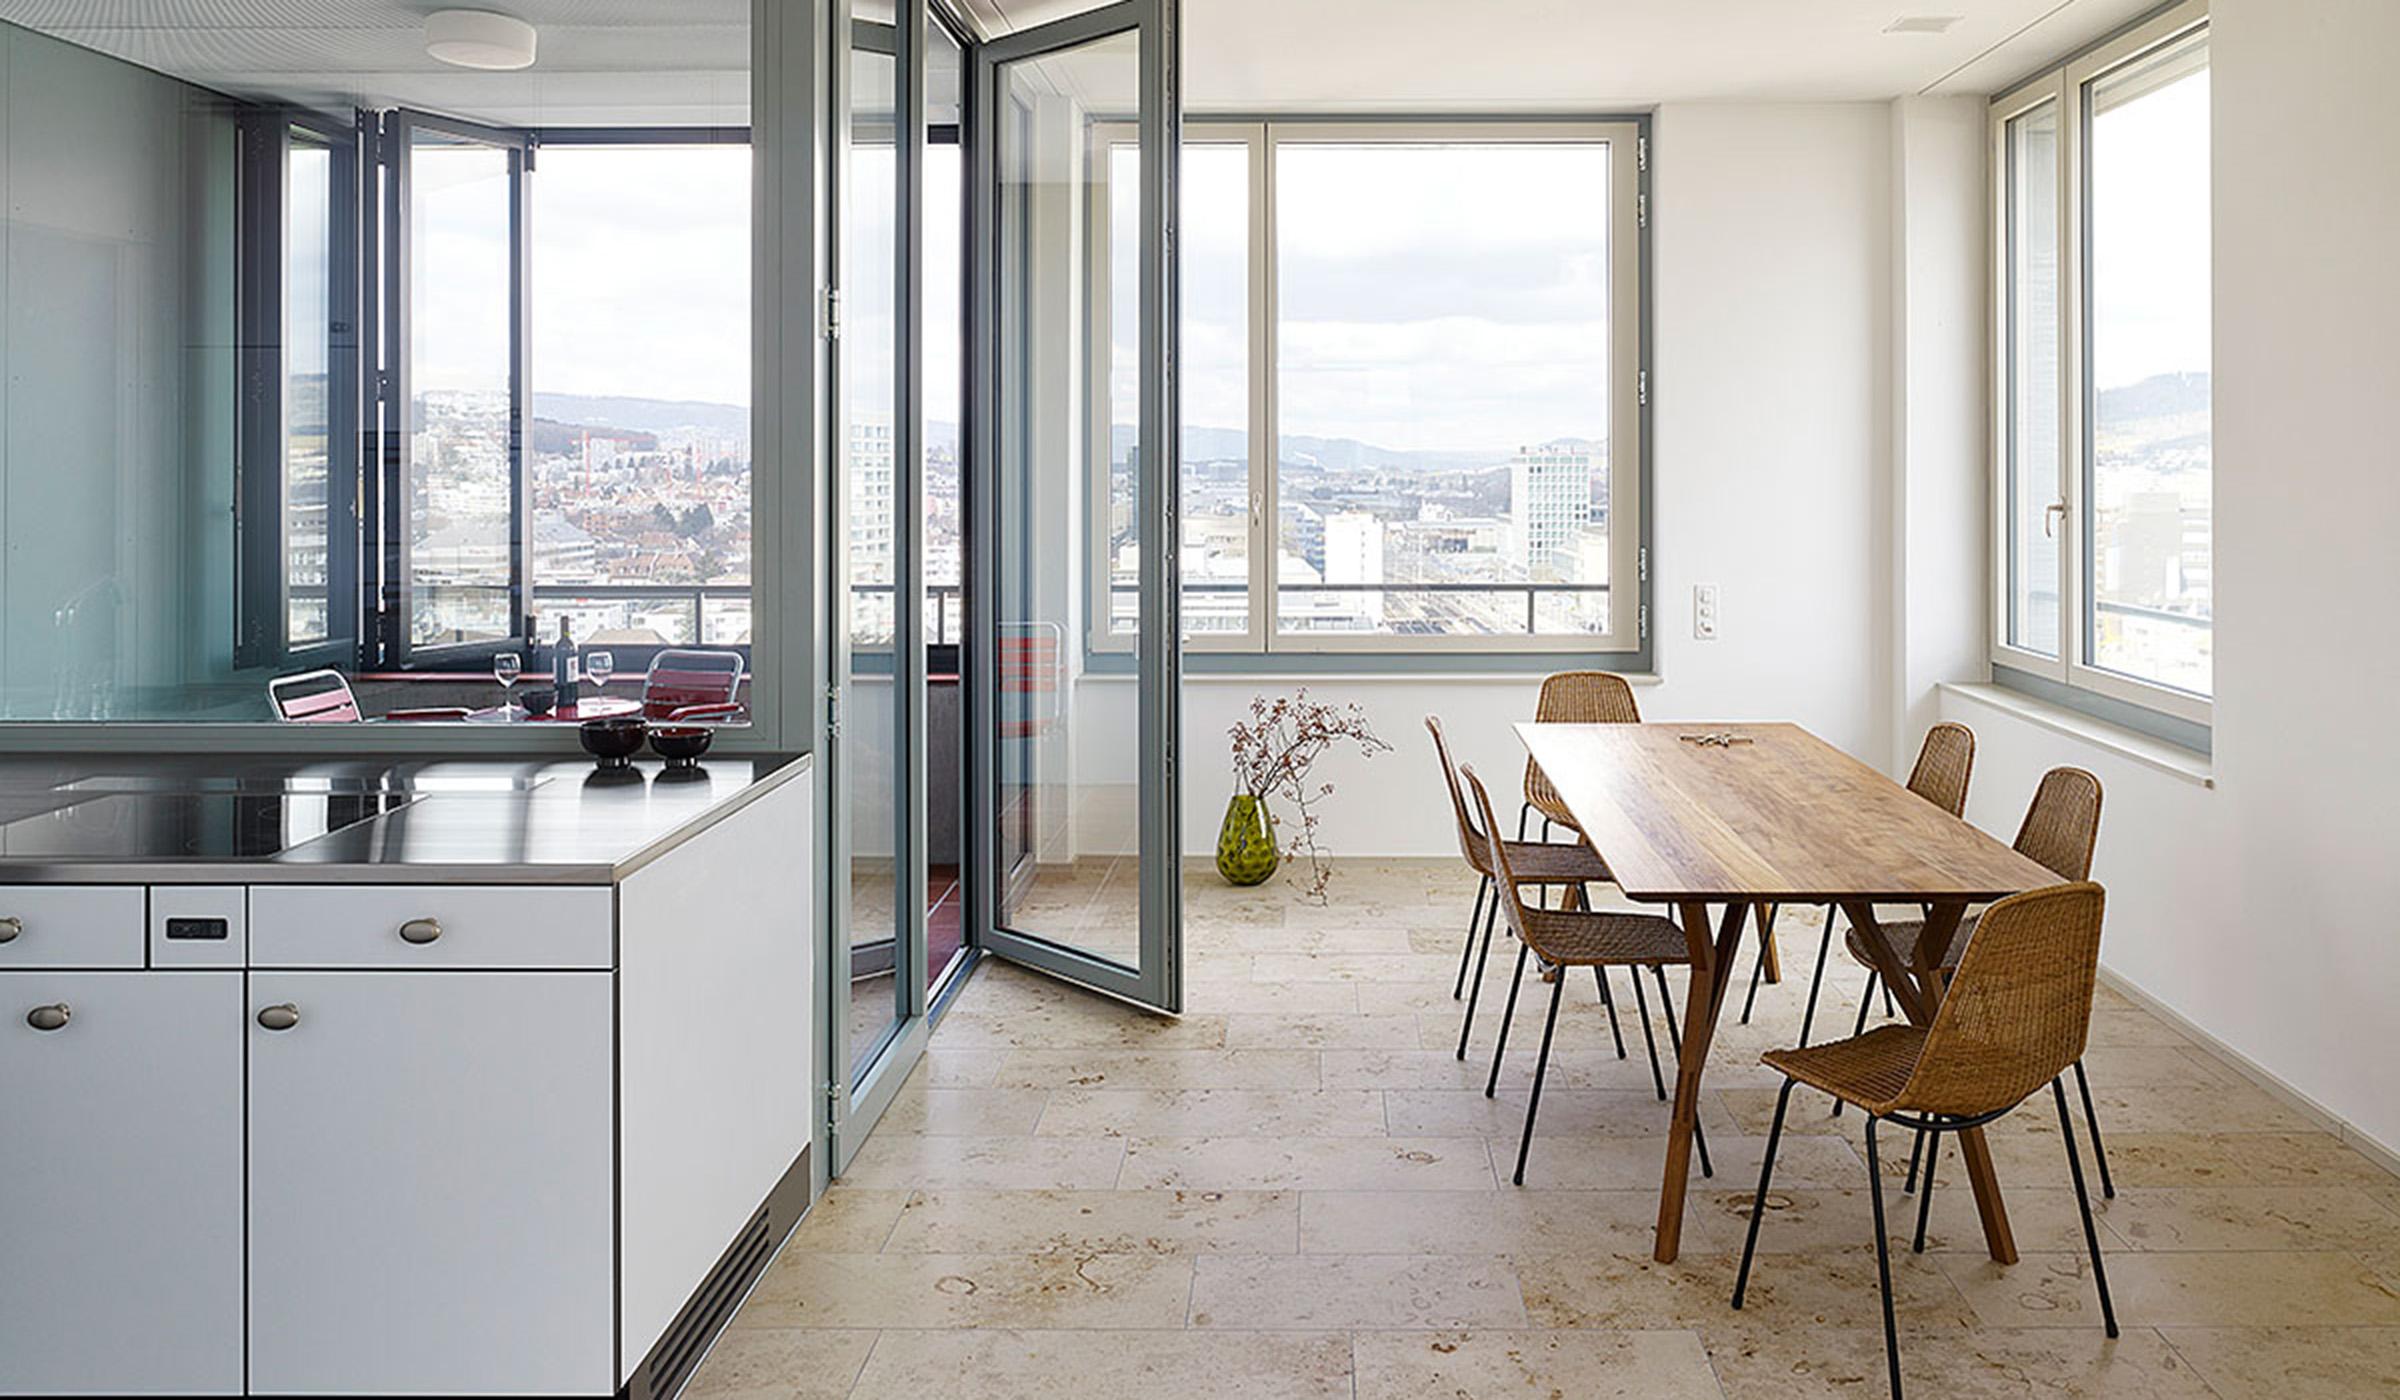 letzibach teilareal c open house z rich 2018. Black Bedroom Furniture Sets. Home Design Ideas